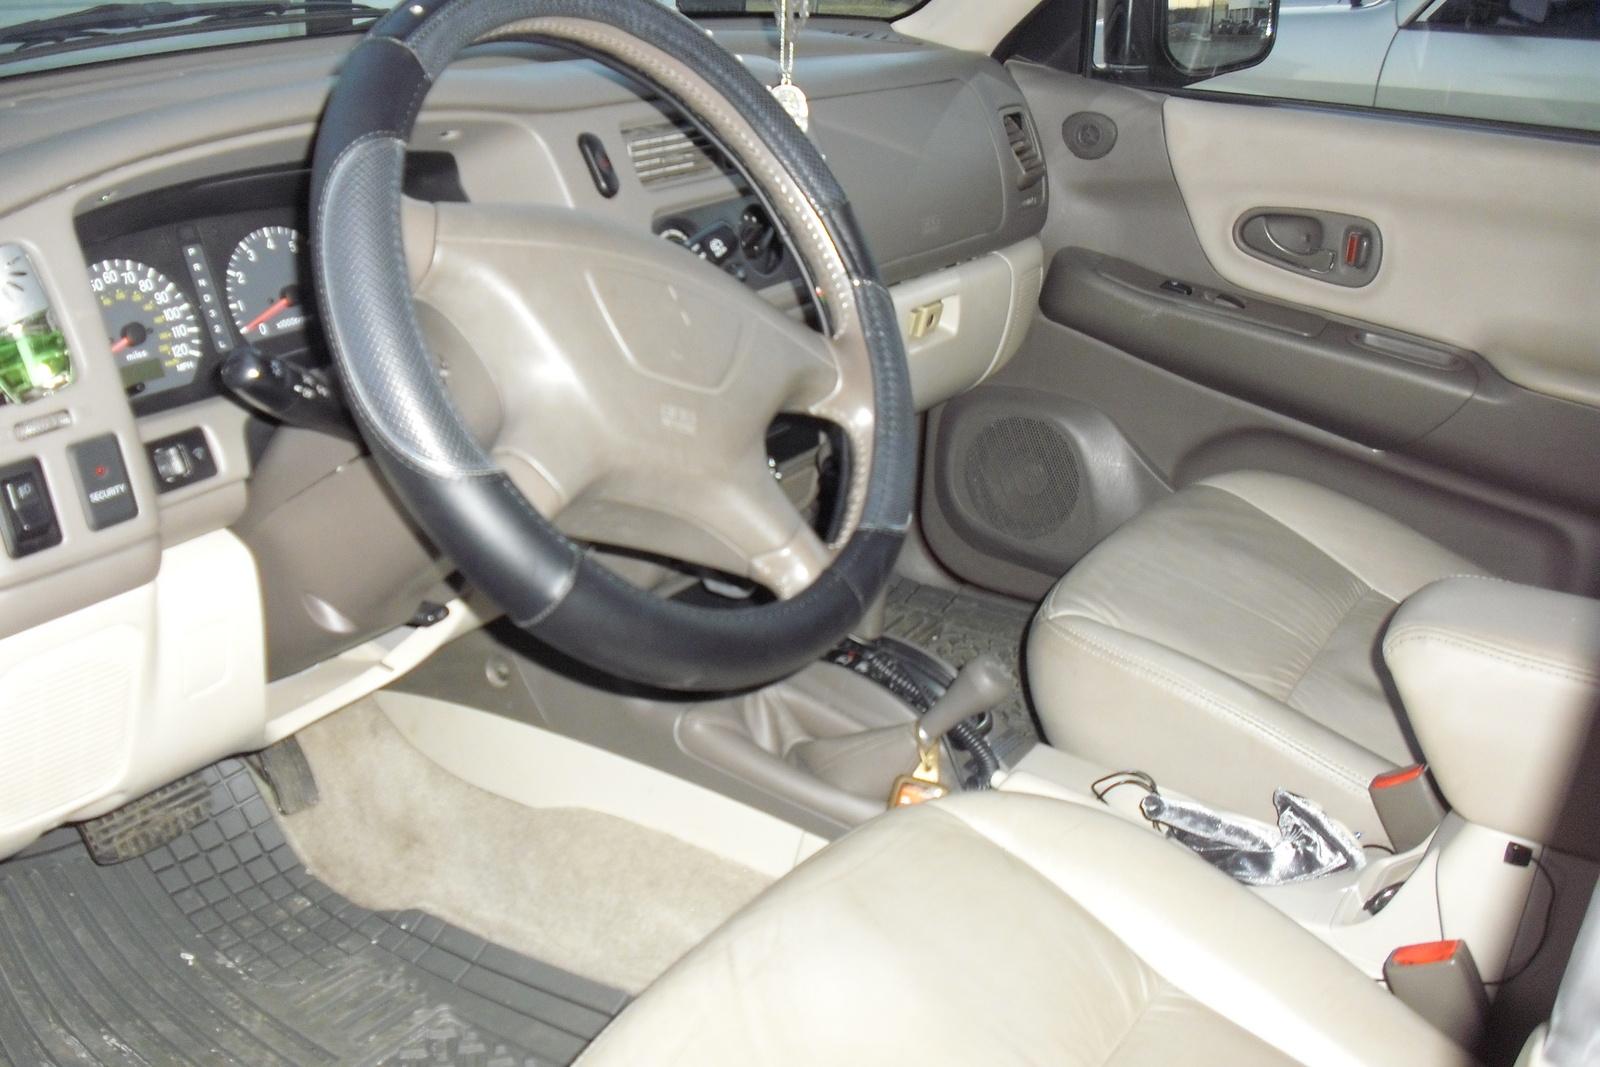 Mitsubishi Montero Sport Xls Wd Pic on 2002 Mitsubishi Montero Sport Ls Specs